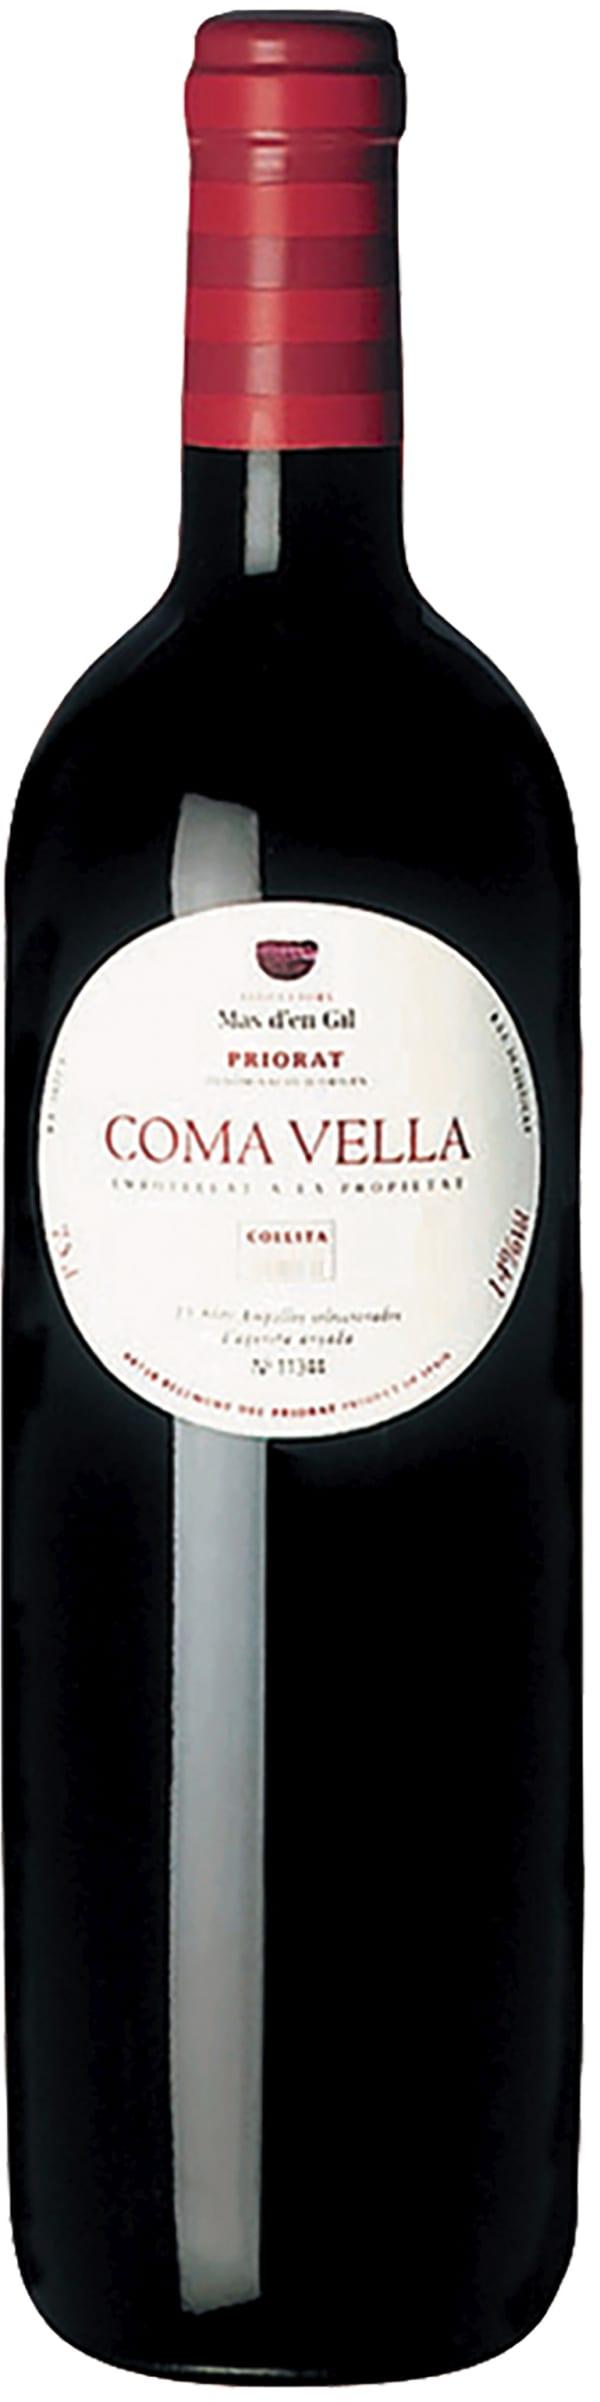 Coma Vella 2009